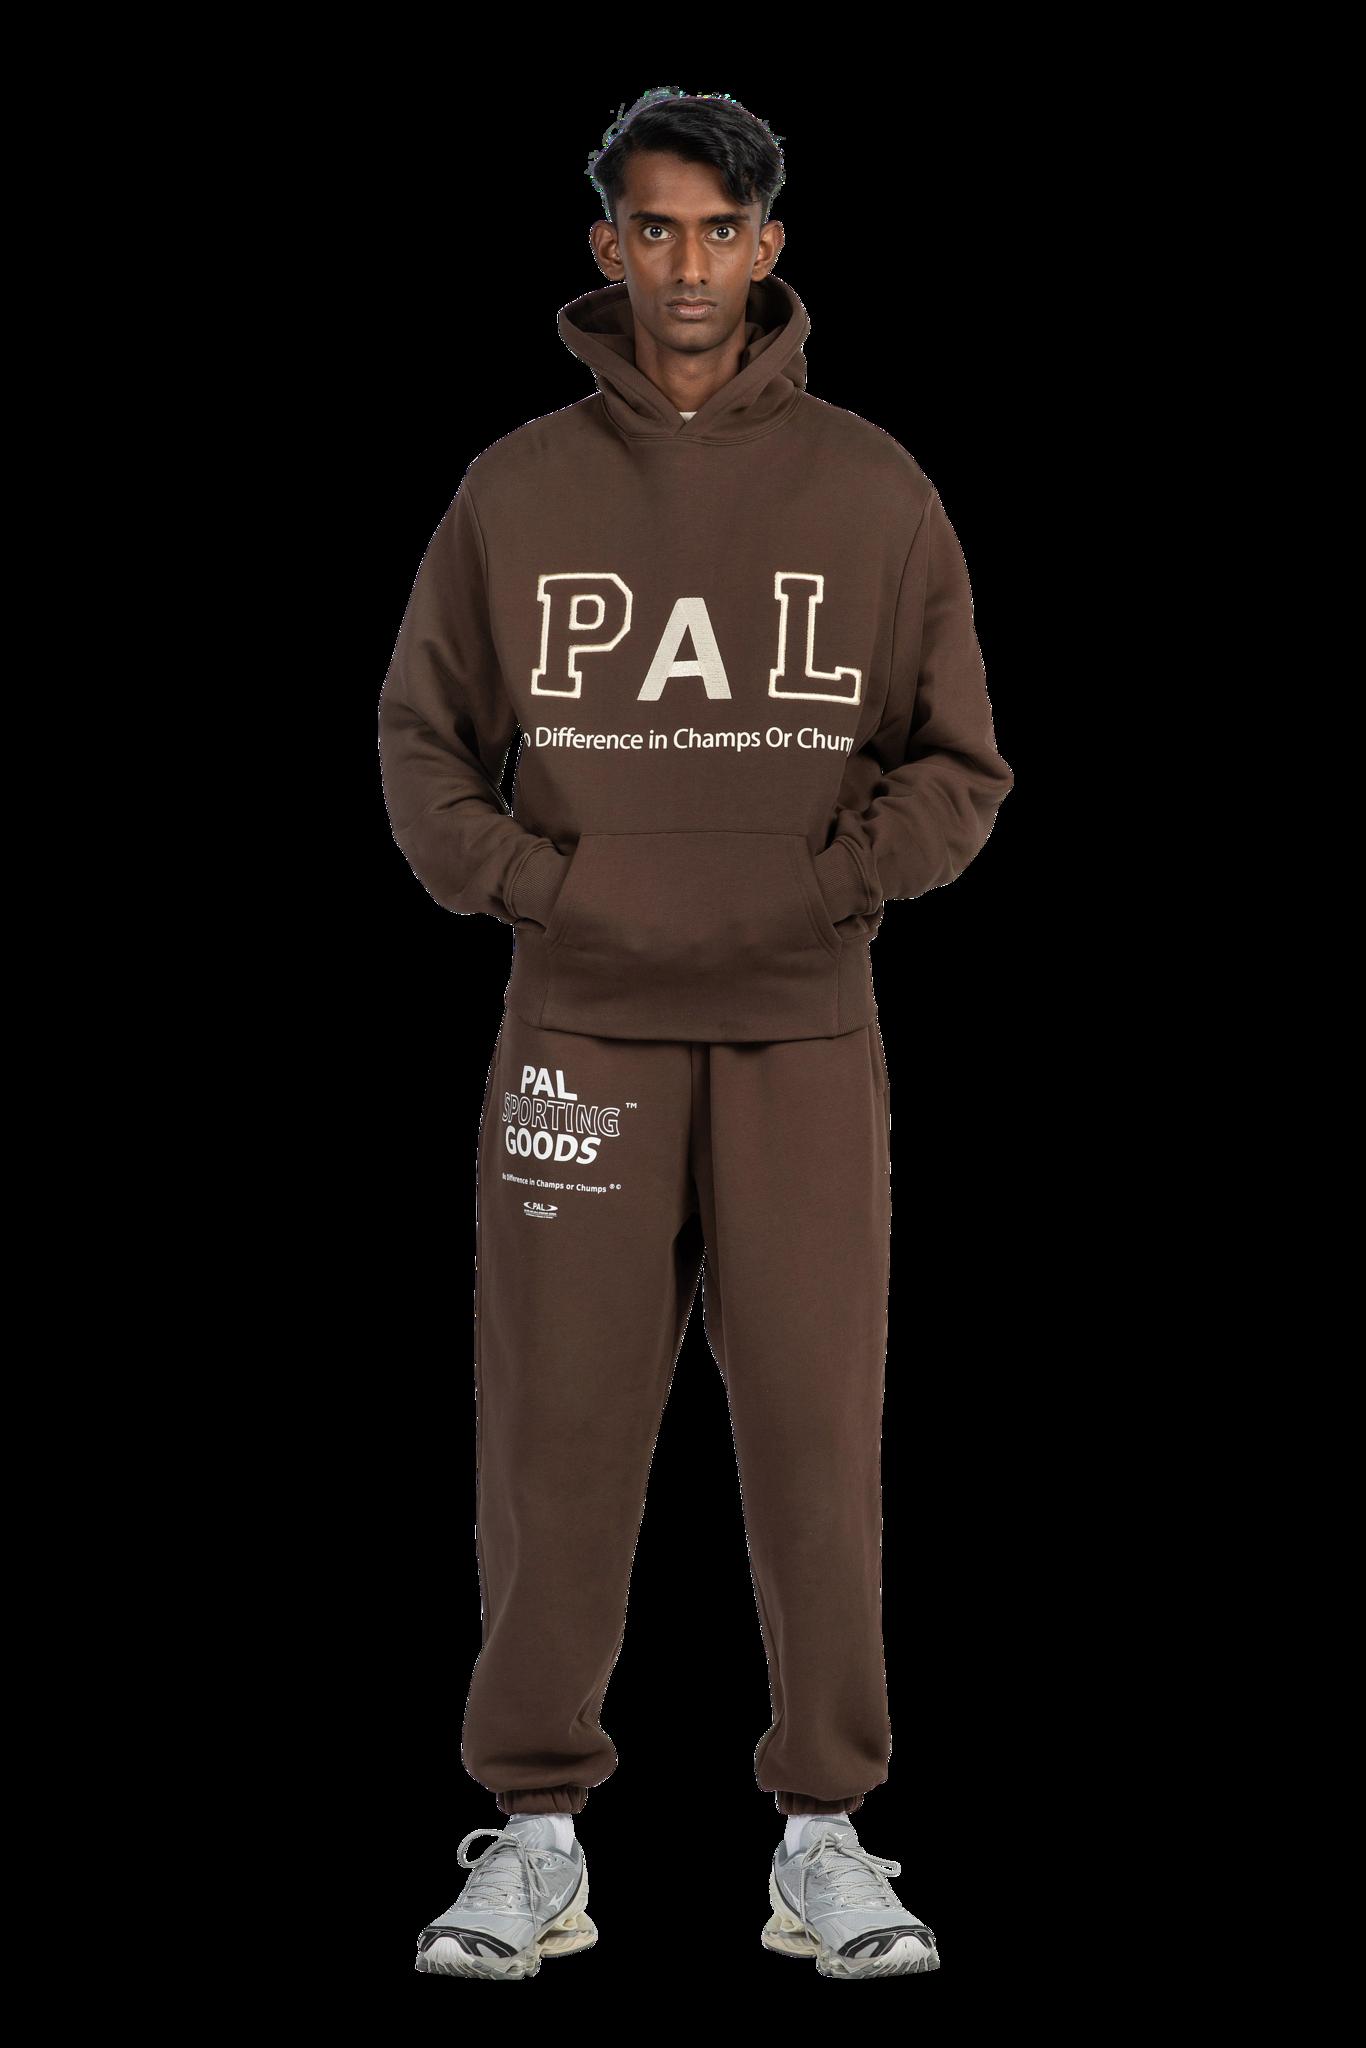 PAL Jock hoody deep brown